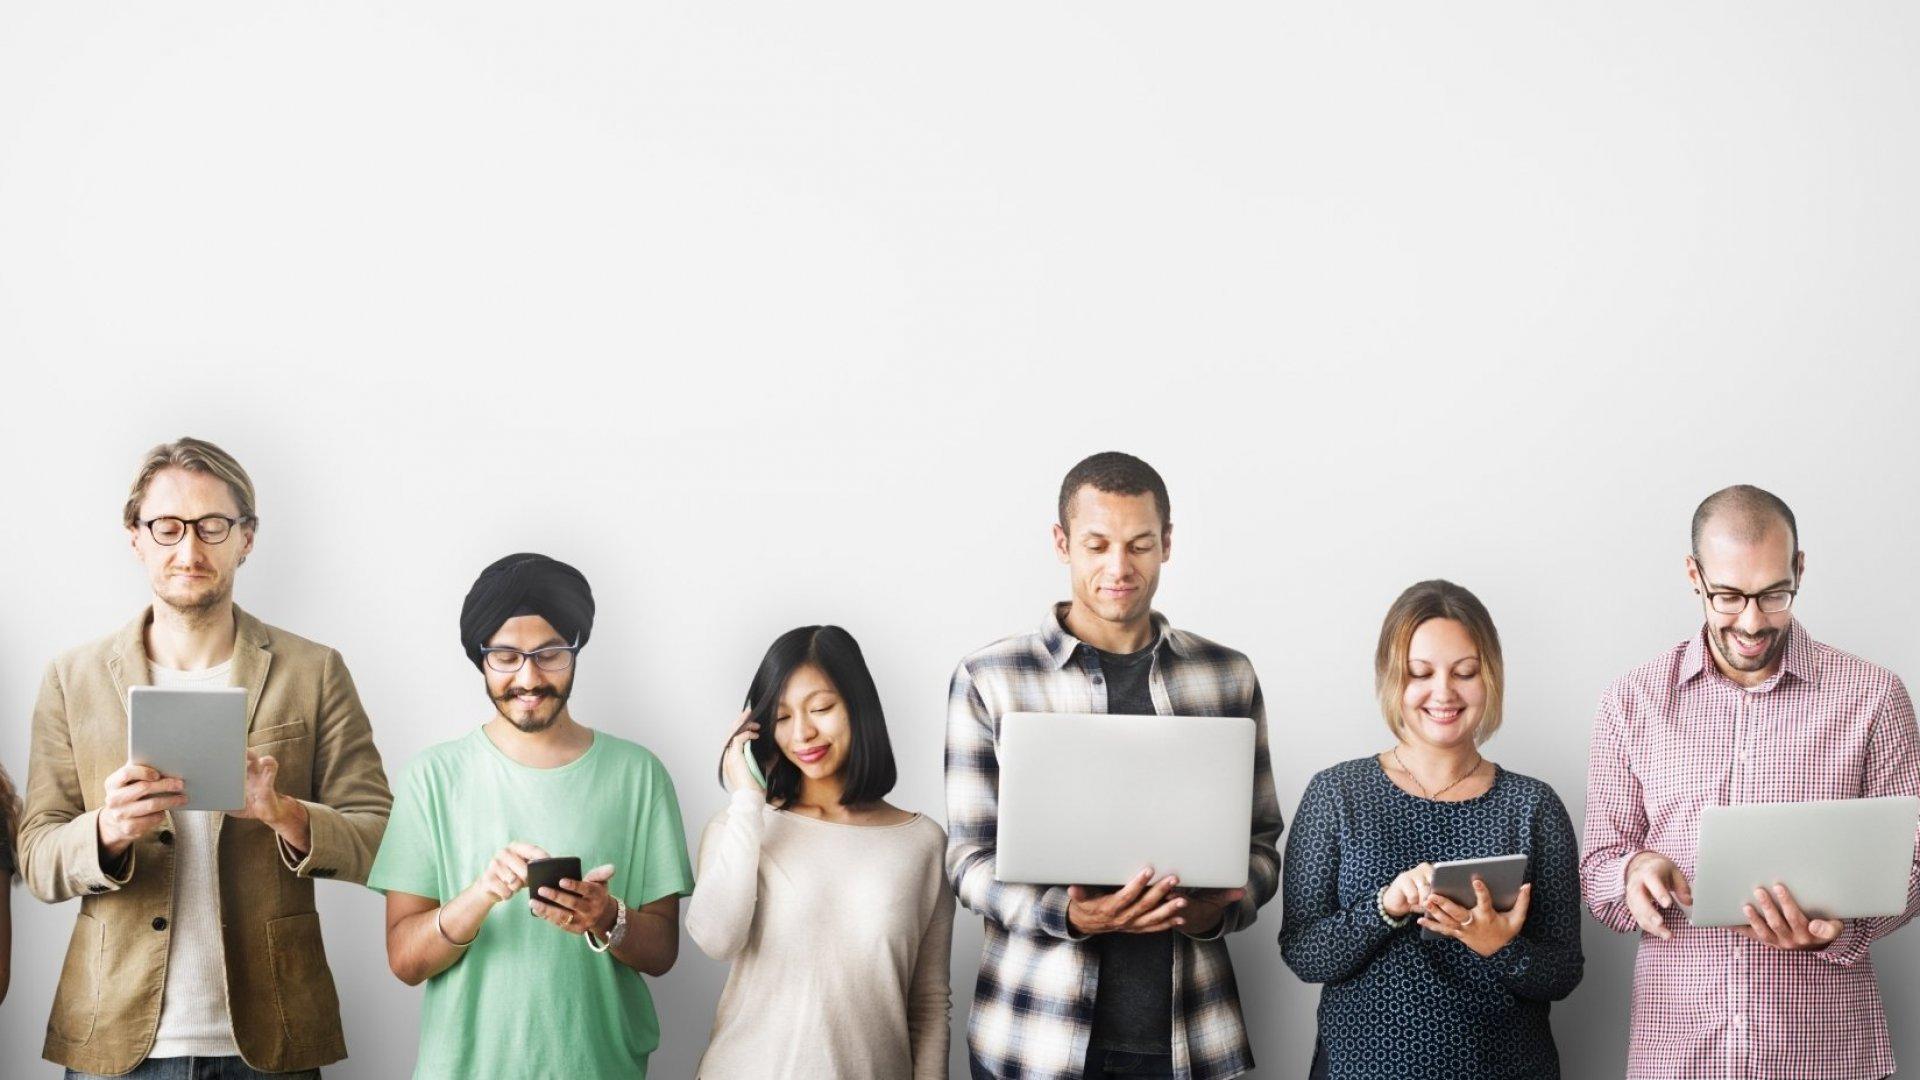 10 Ways to Take Back Your Digital Identity